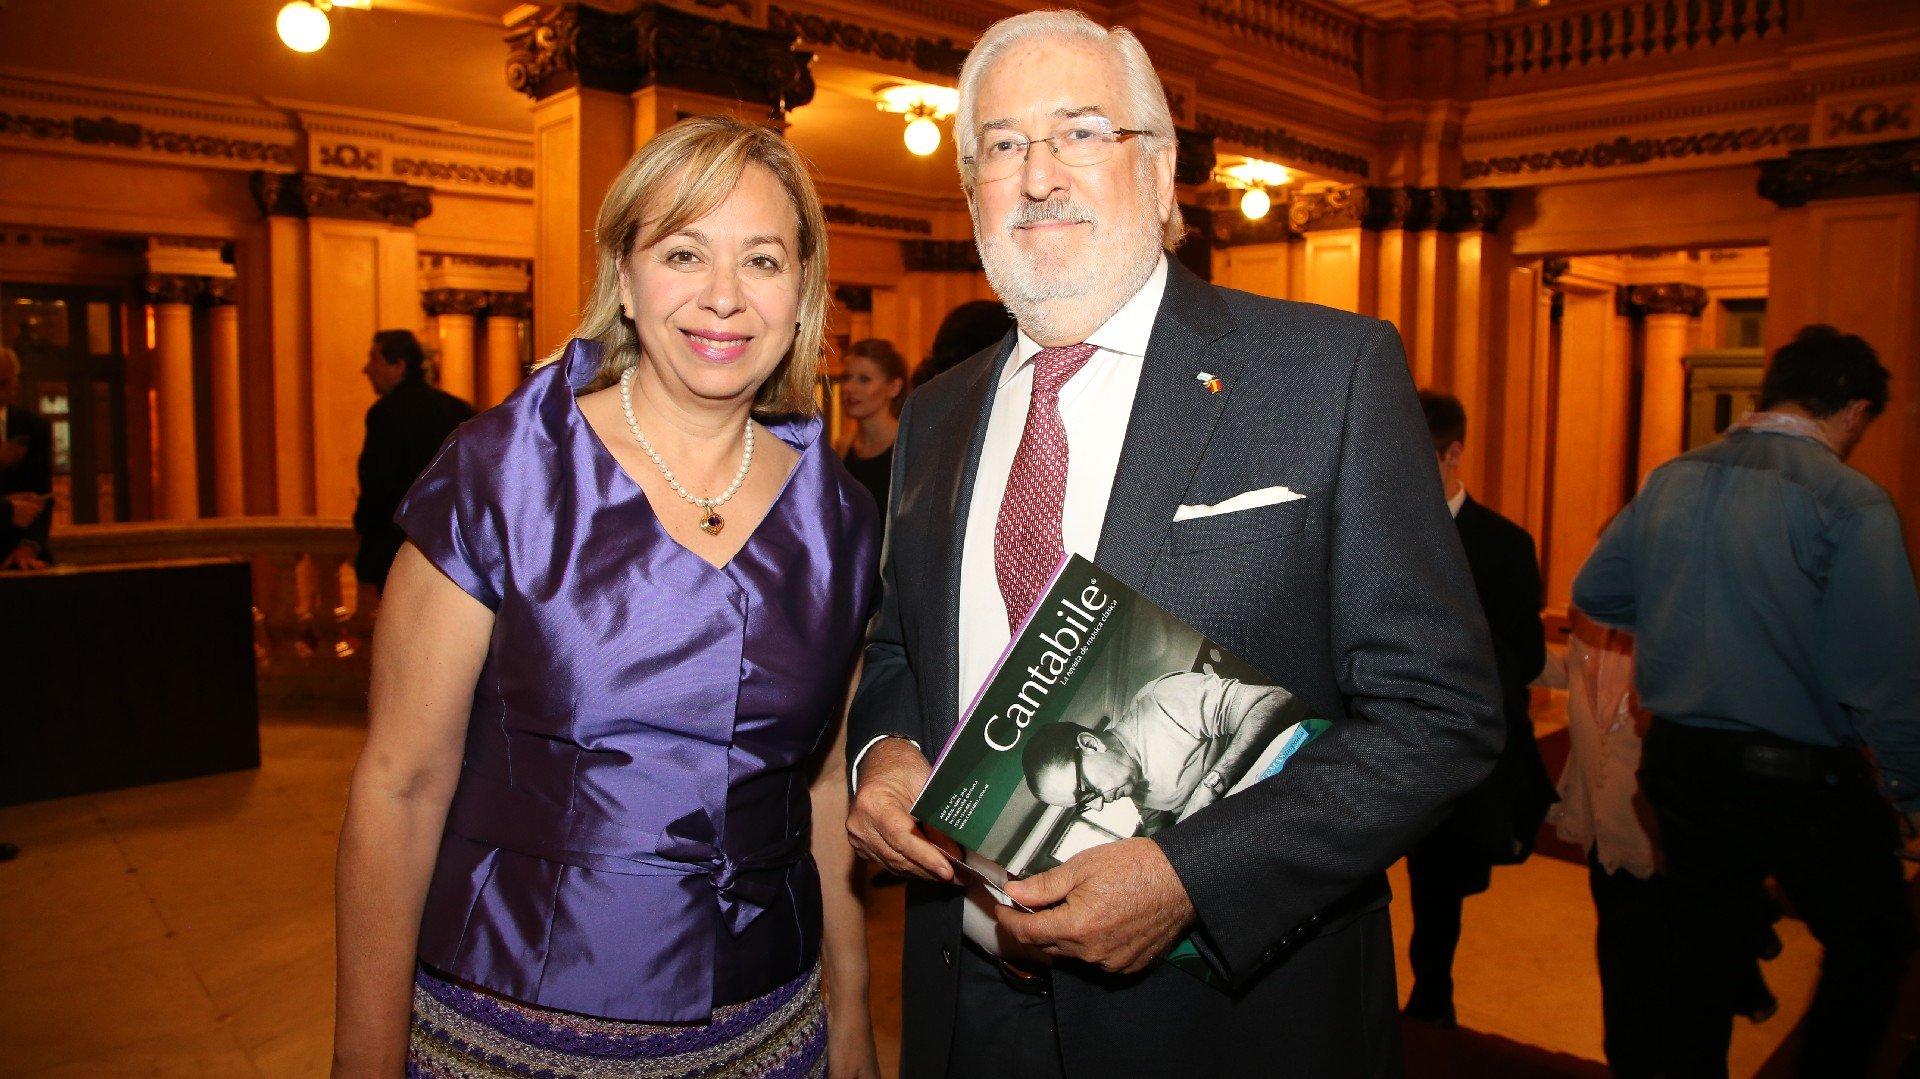 Estanislao de Grandes Pascual, embajador de España en nuestro país